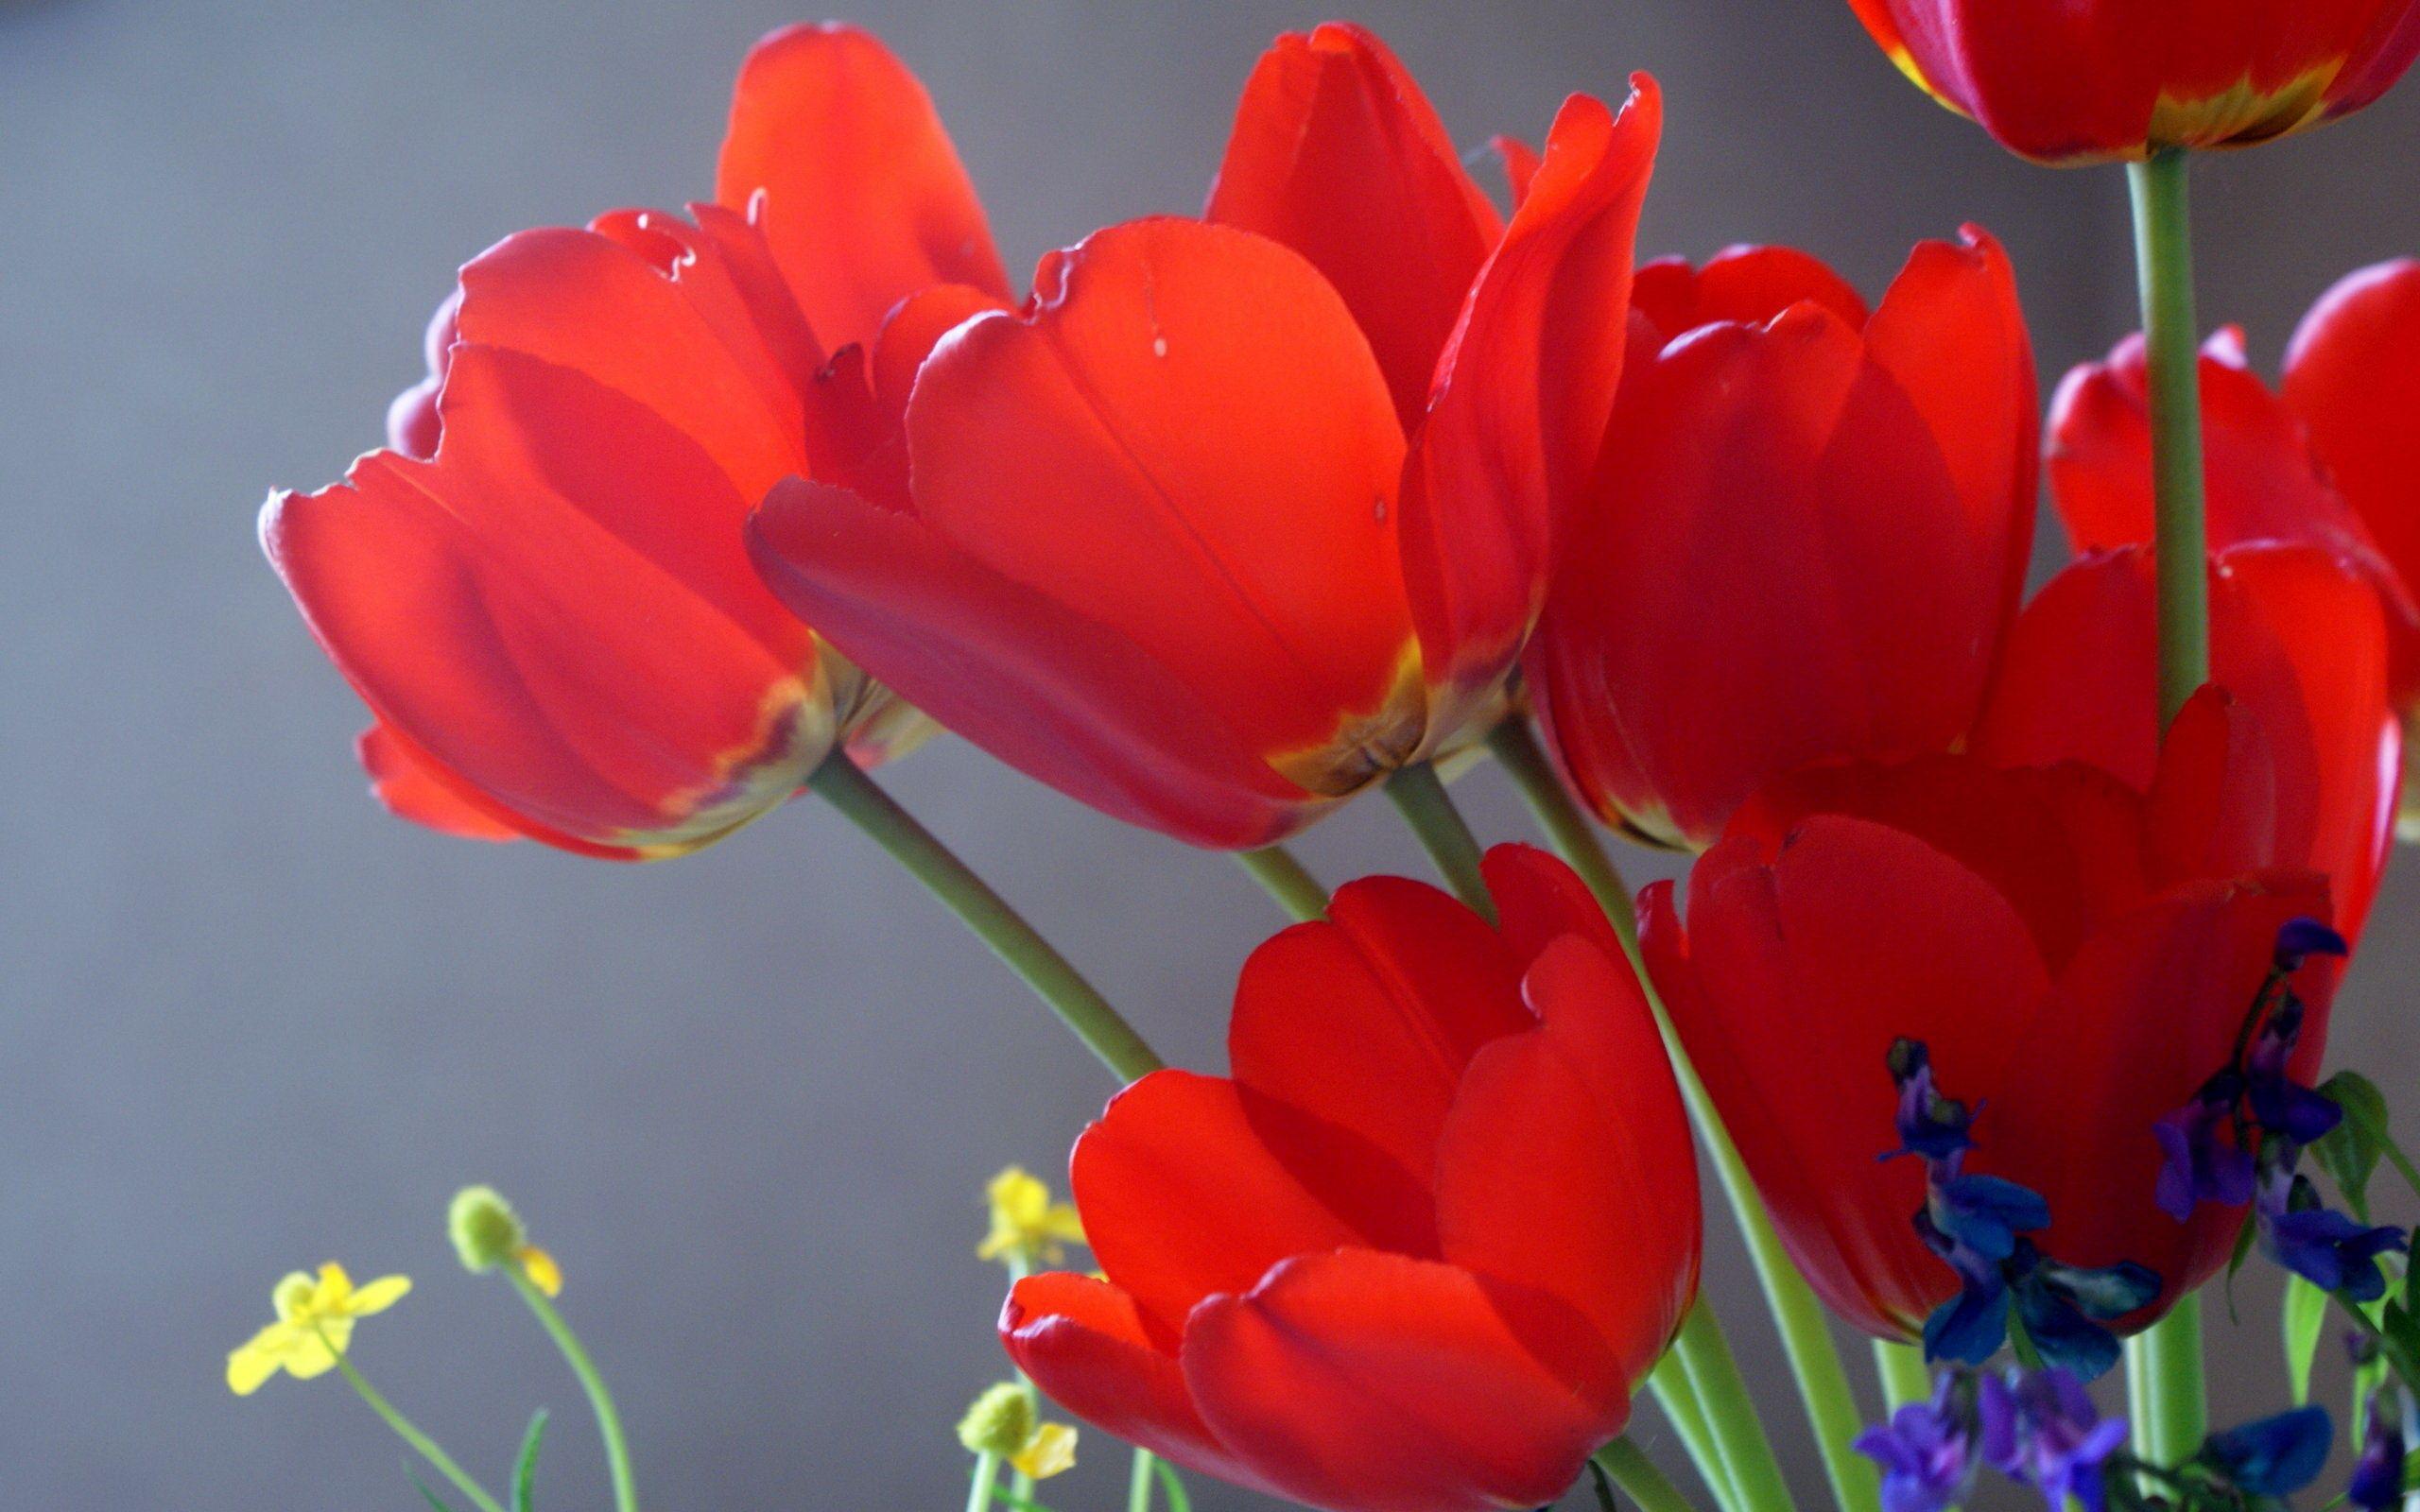 144897 скачать обои Цветы, Распущенные, Крупный План, Тюльпаны - заставки и картинки бесплатно